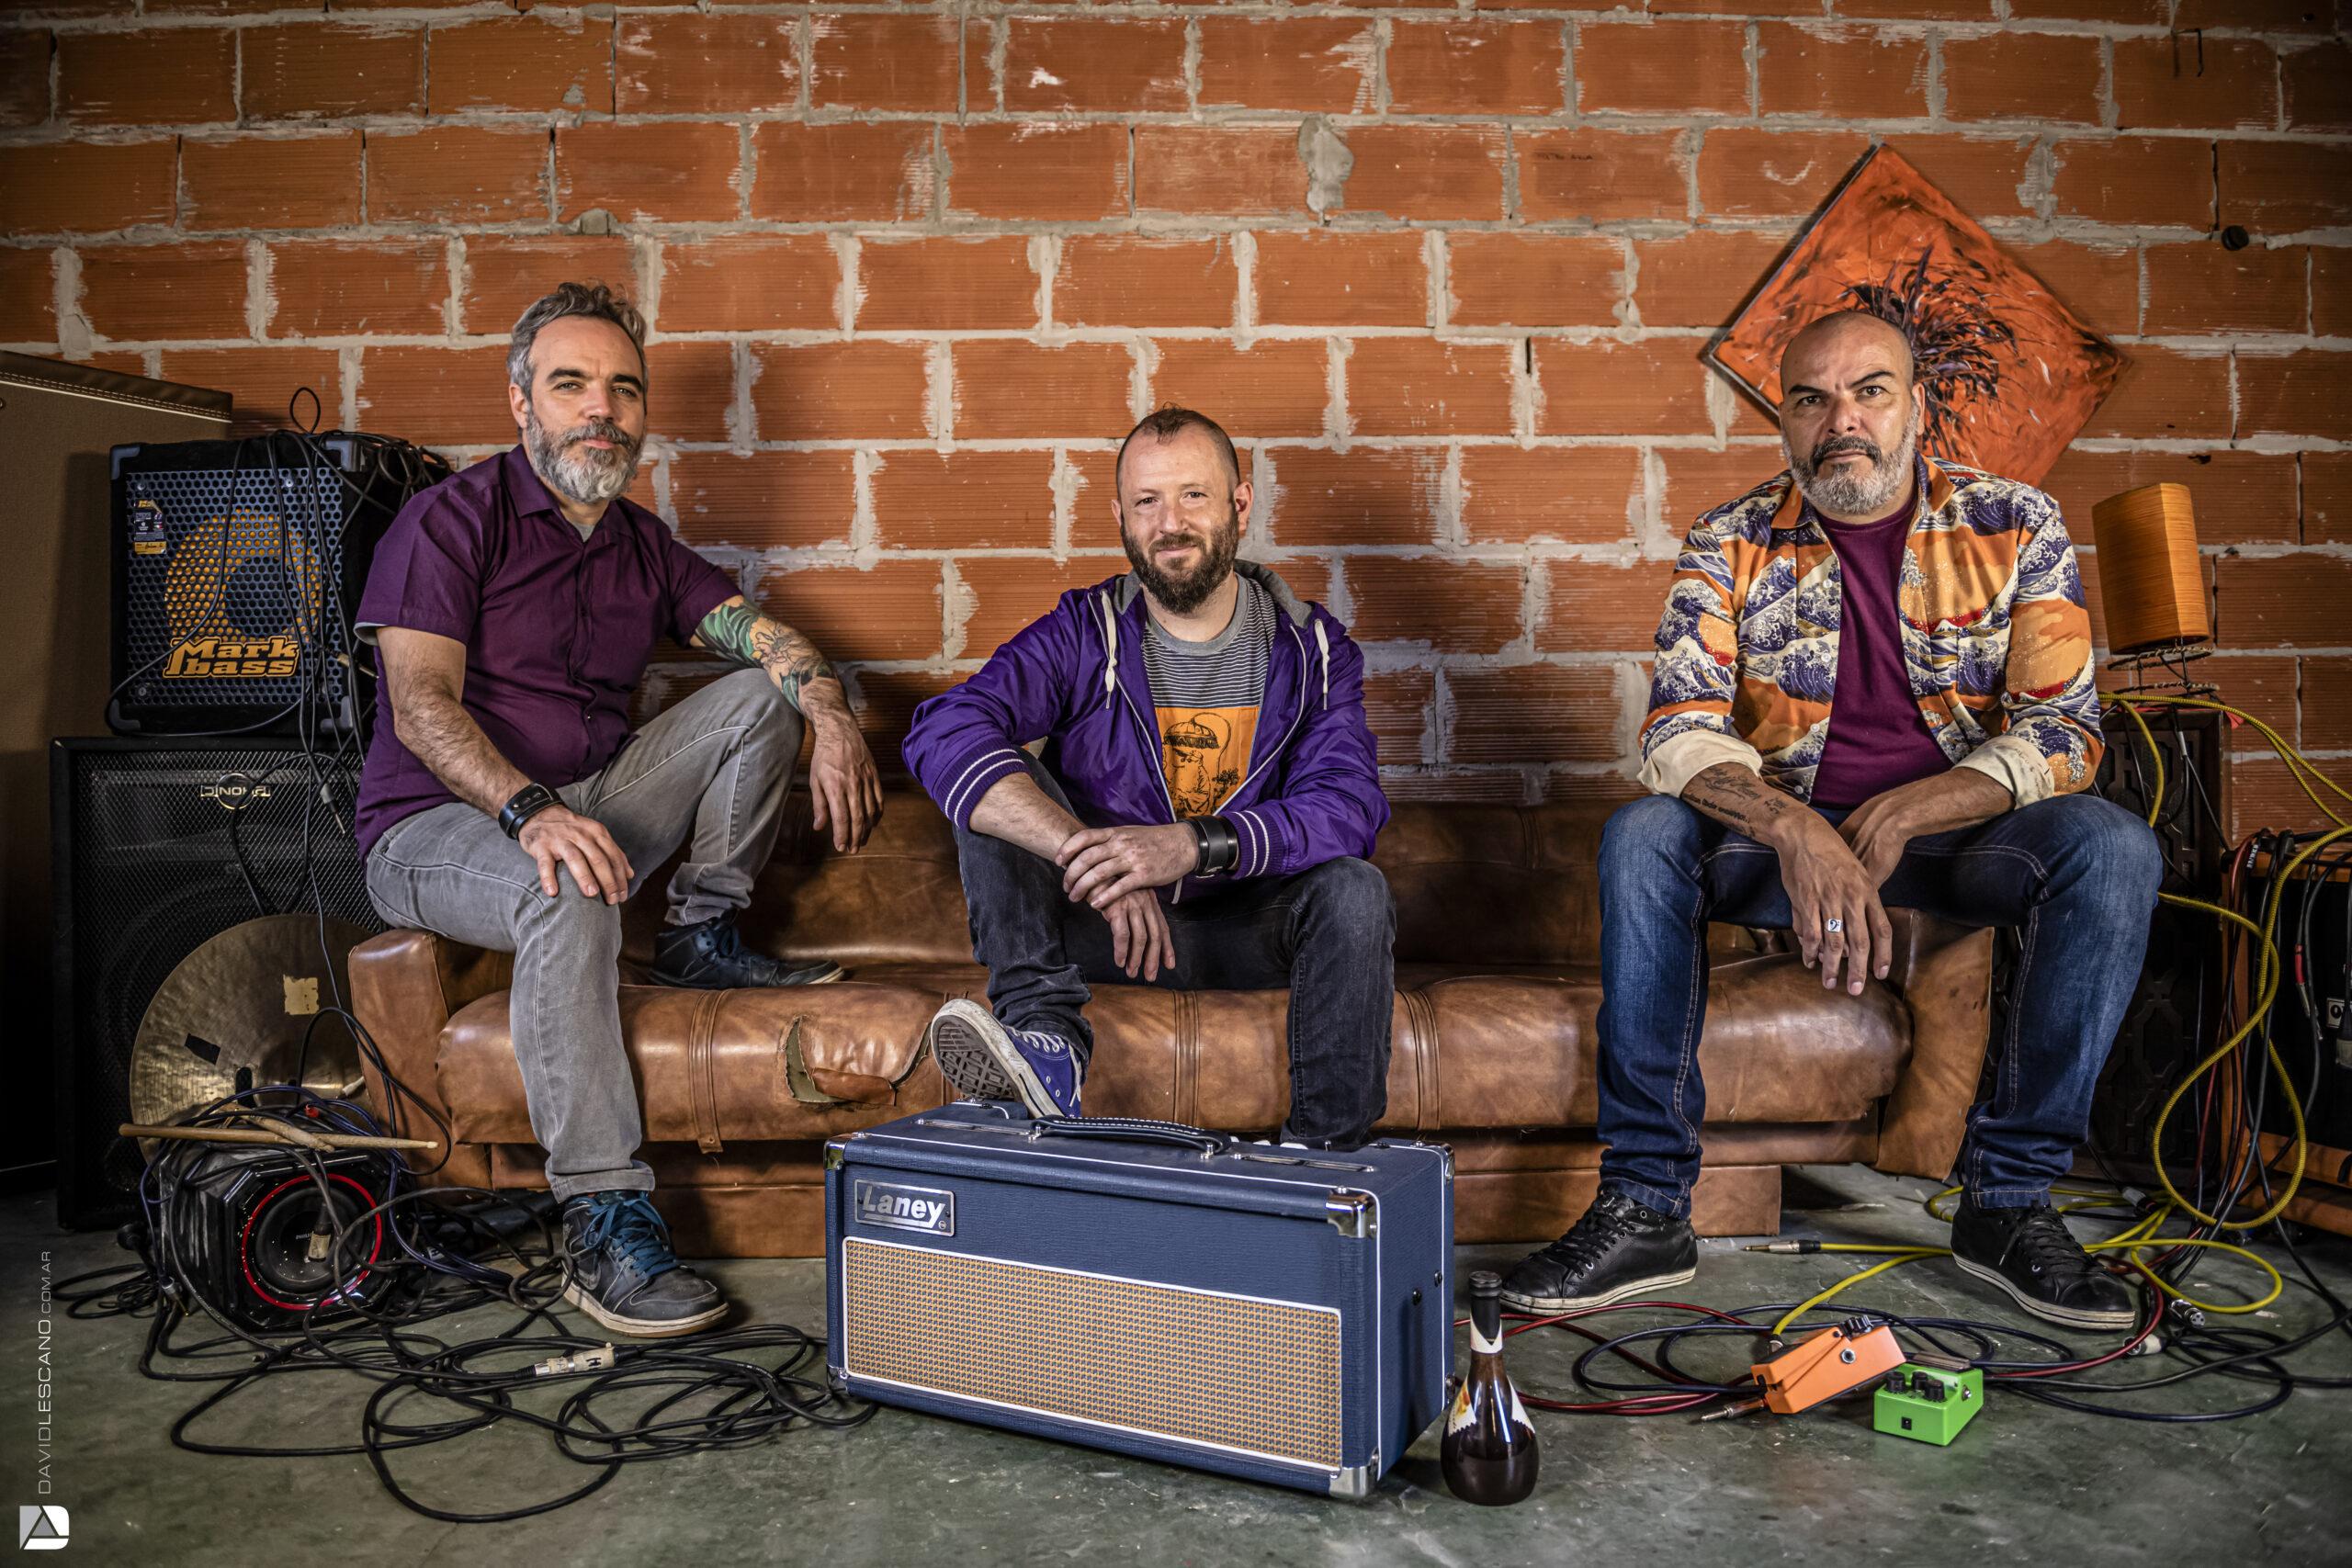 Estéreo Simple presenta una versión muy particular de Gente sin Swing  de Fito Páez